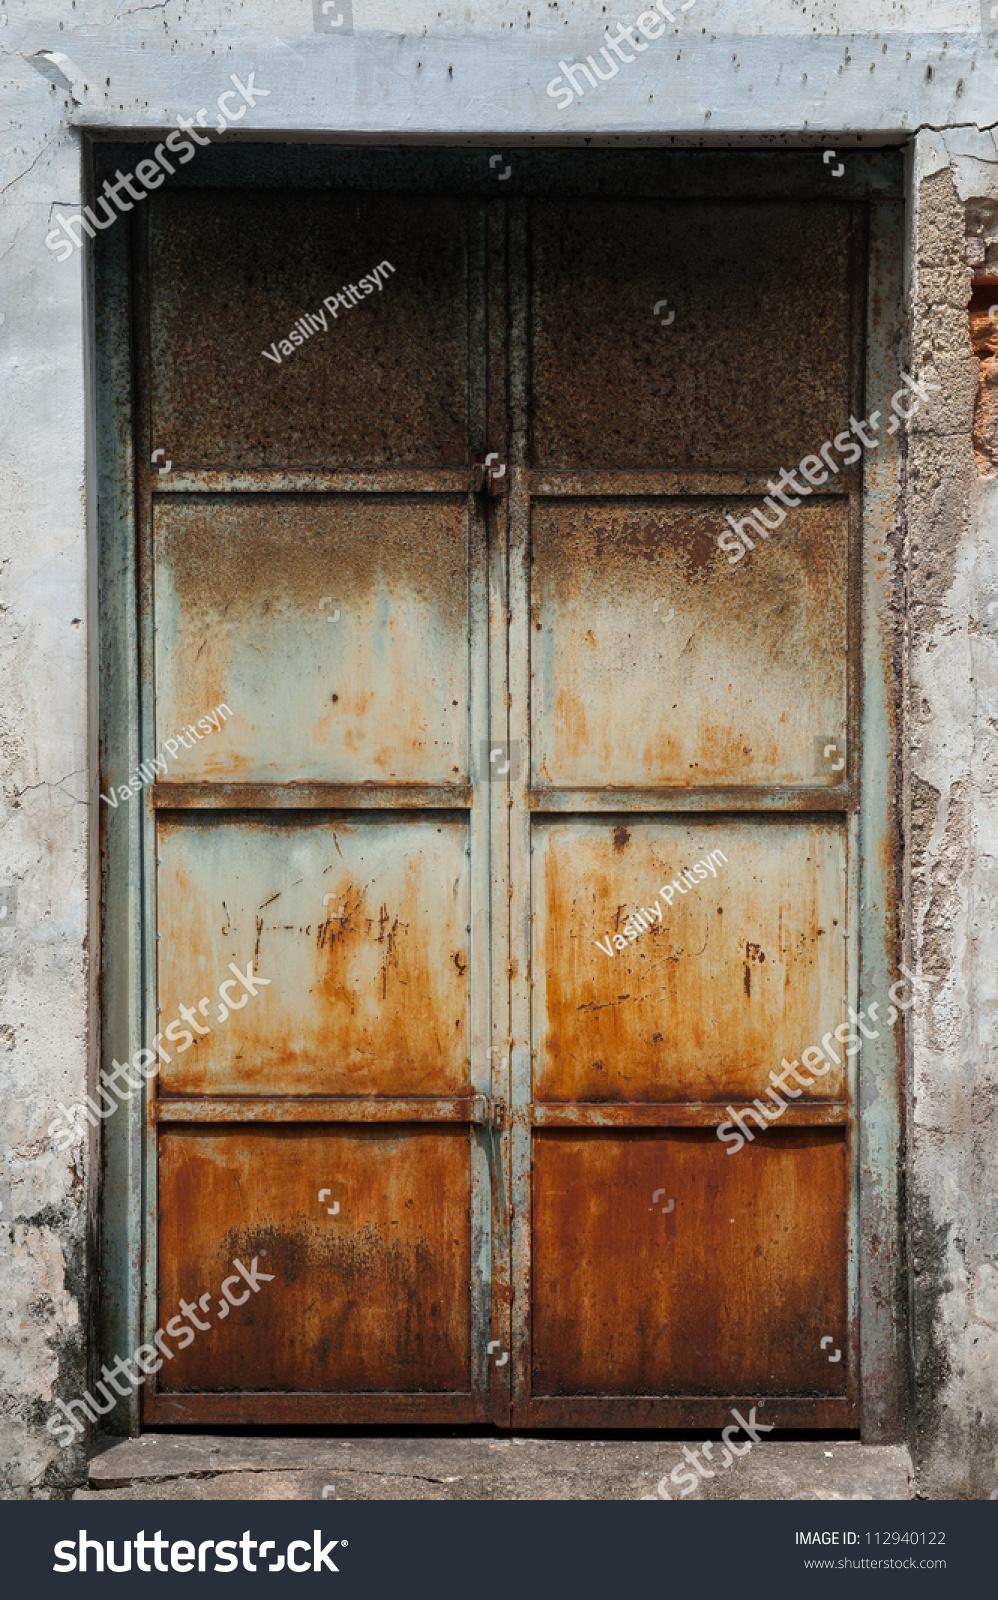 Old Metal Door With Rust In Asia Stock Photo 112940122